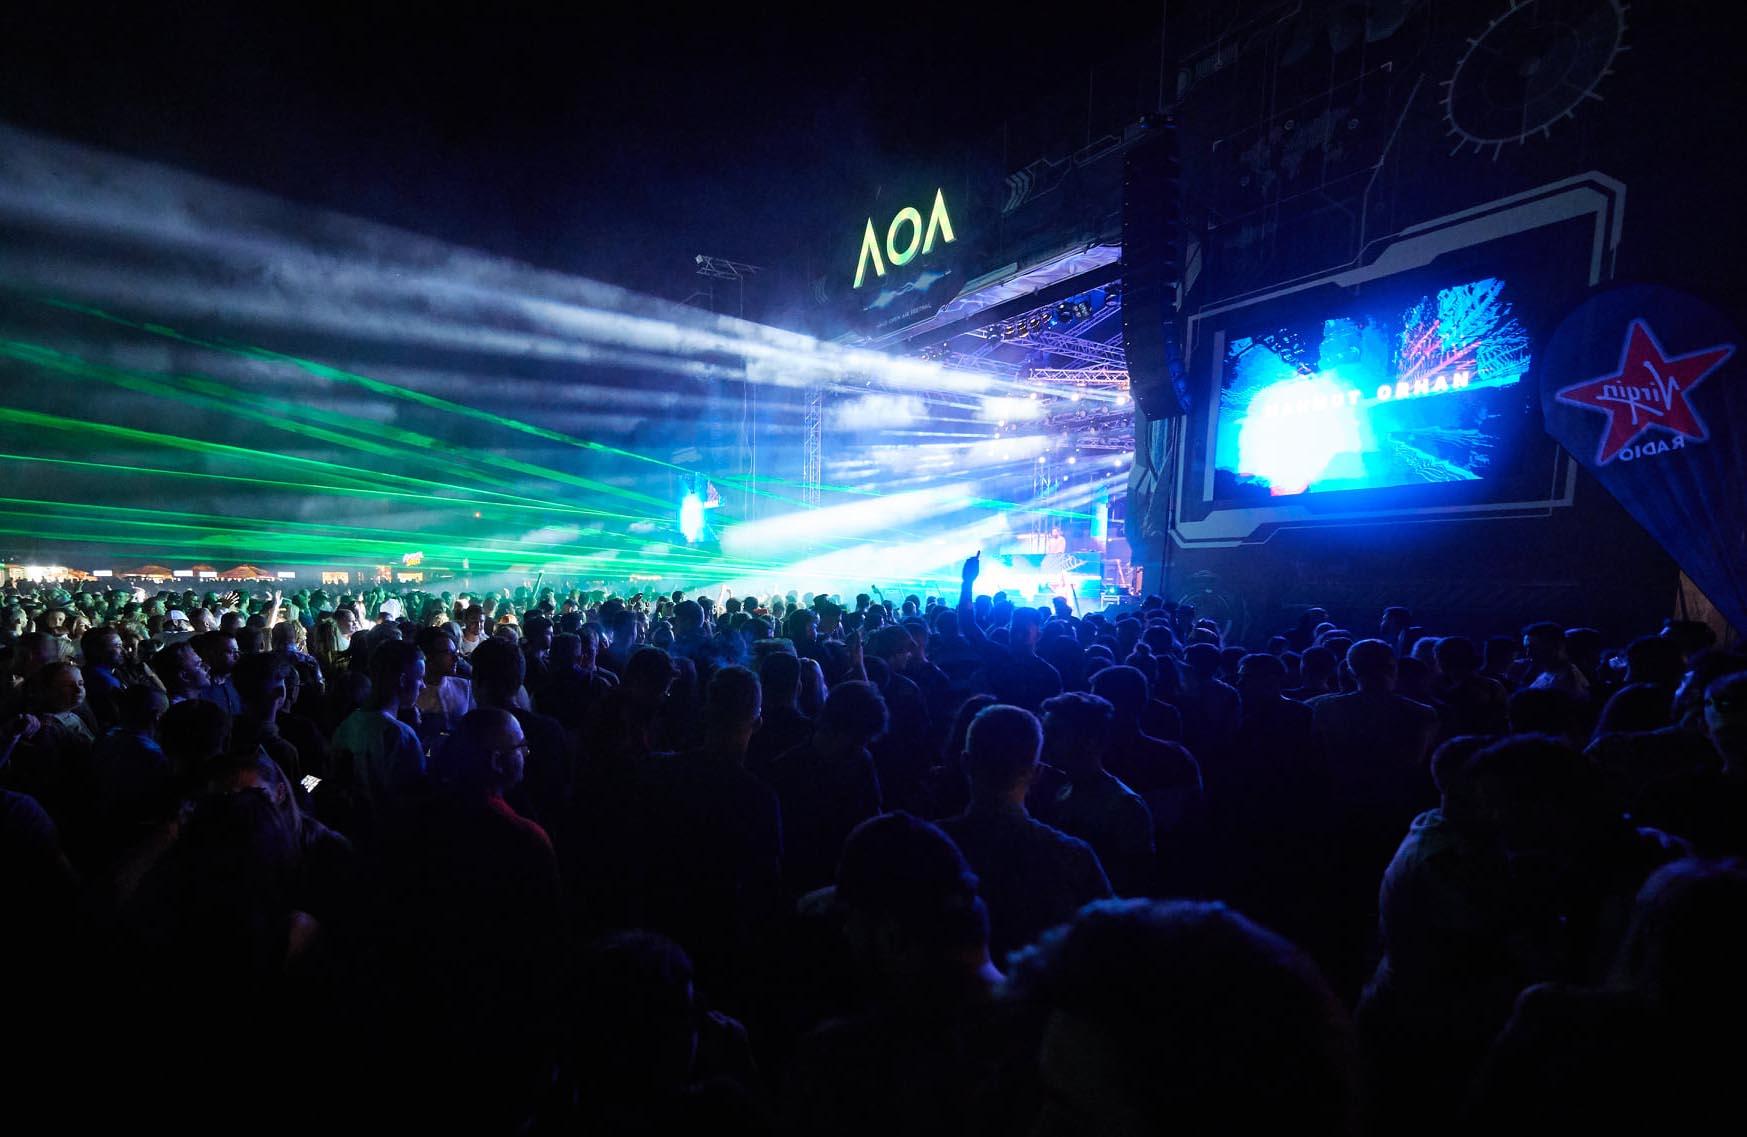 Astăzi începe cea de-a cincea ediție a Arad Open Air Festival